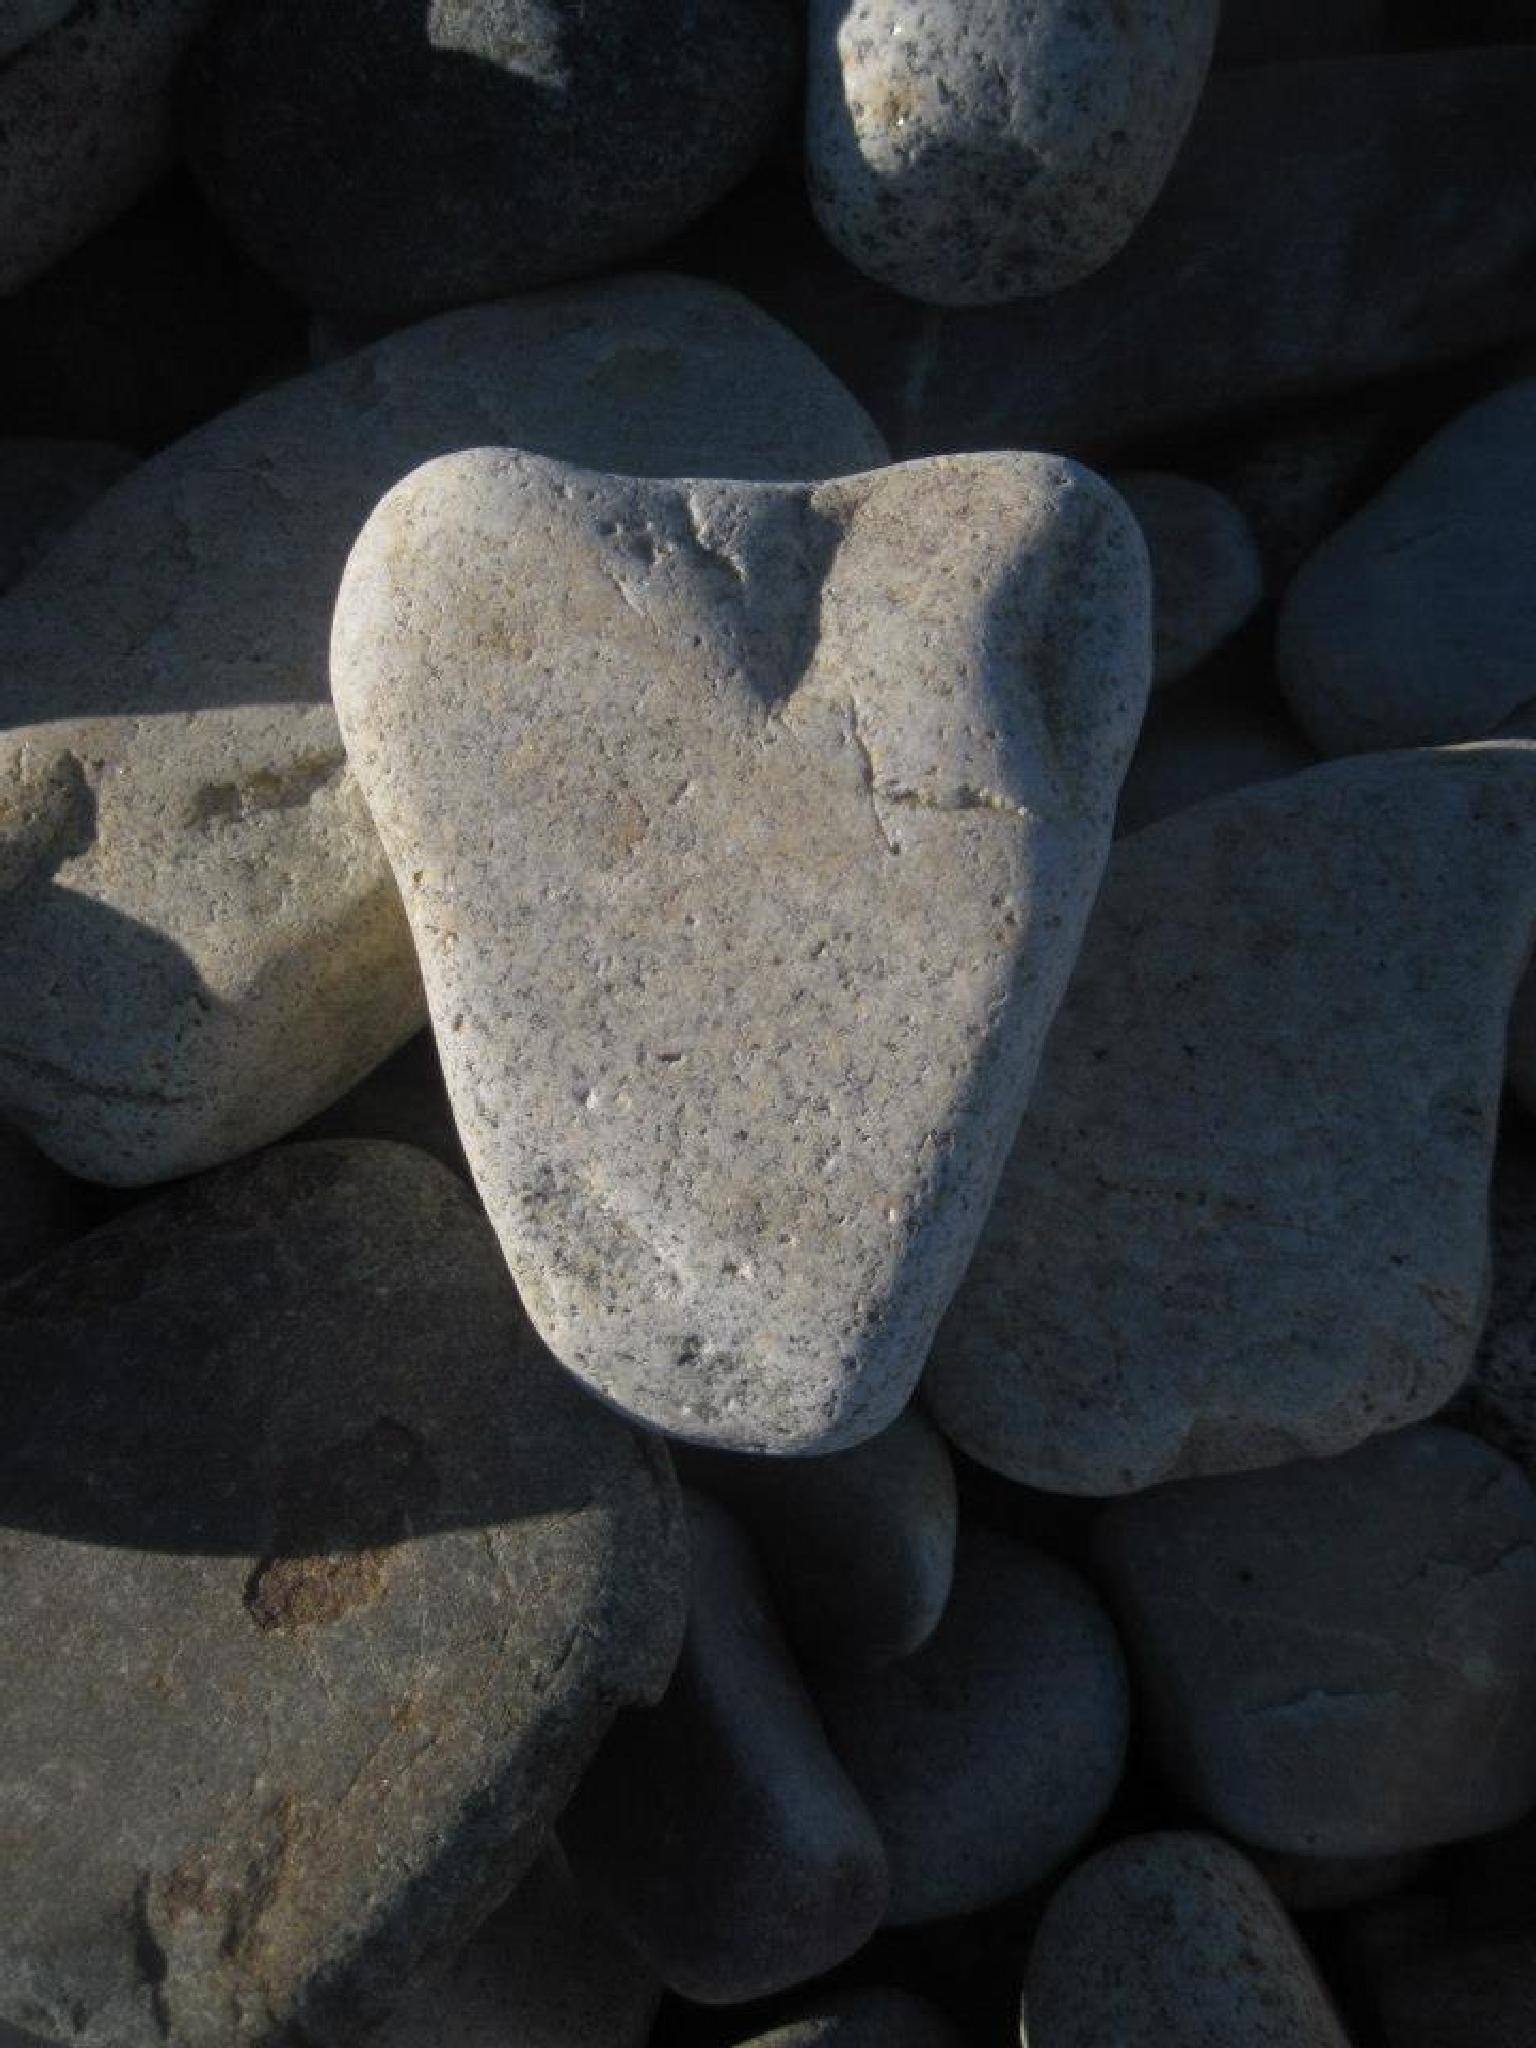 Heart Rock by Felicity Adams